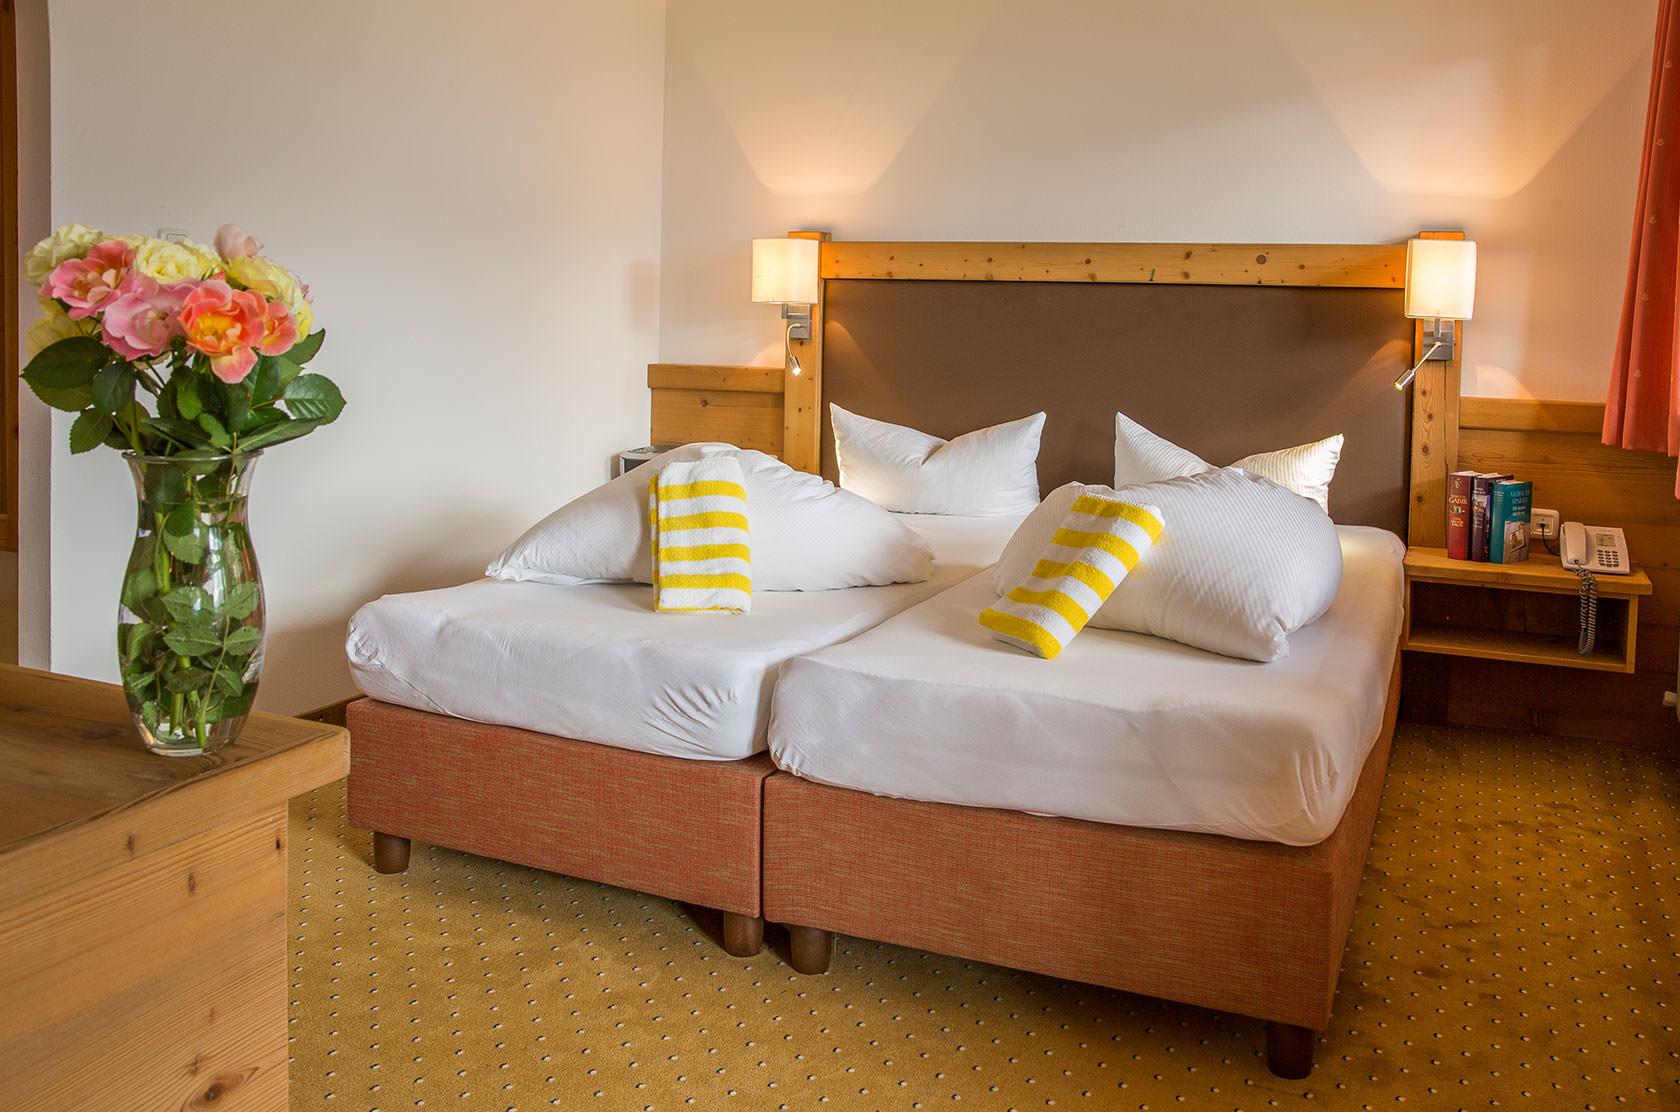 Doppelbett in der Kategorie Fichte im Hotel Kristall